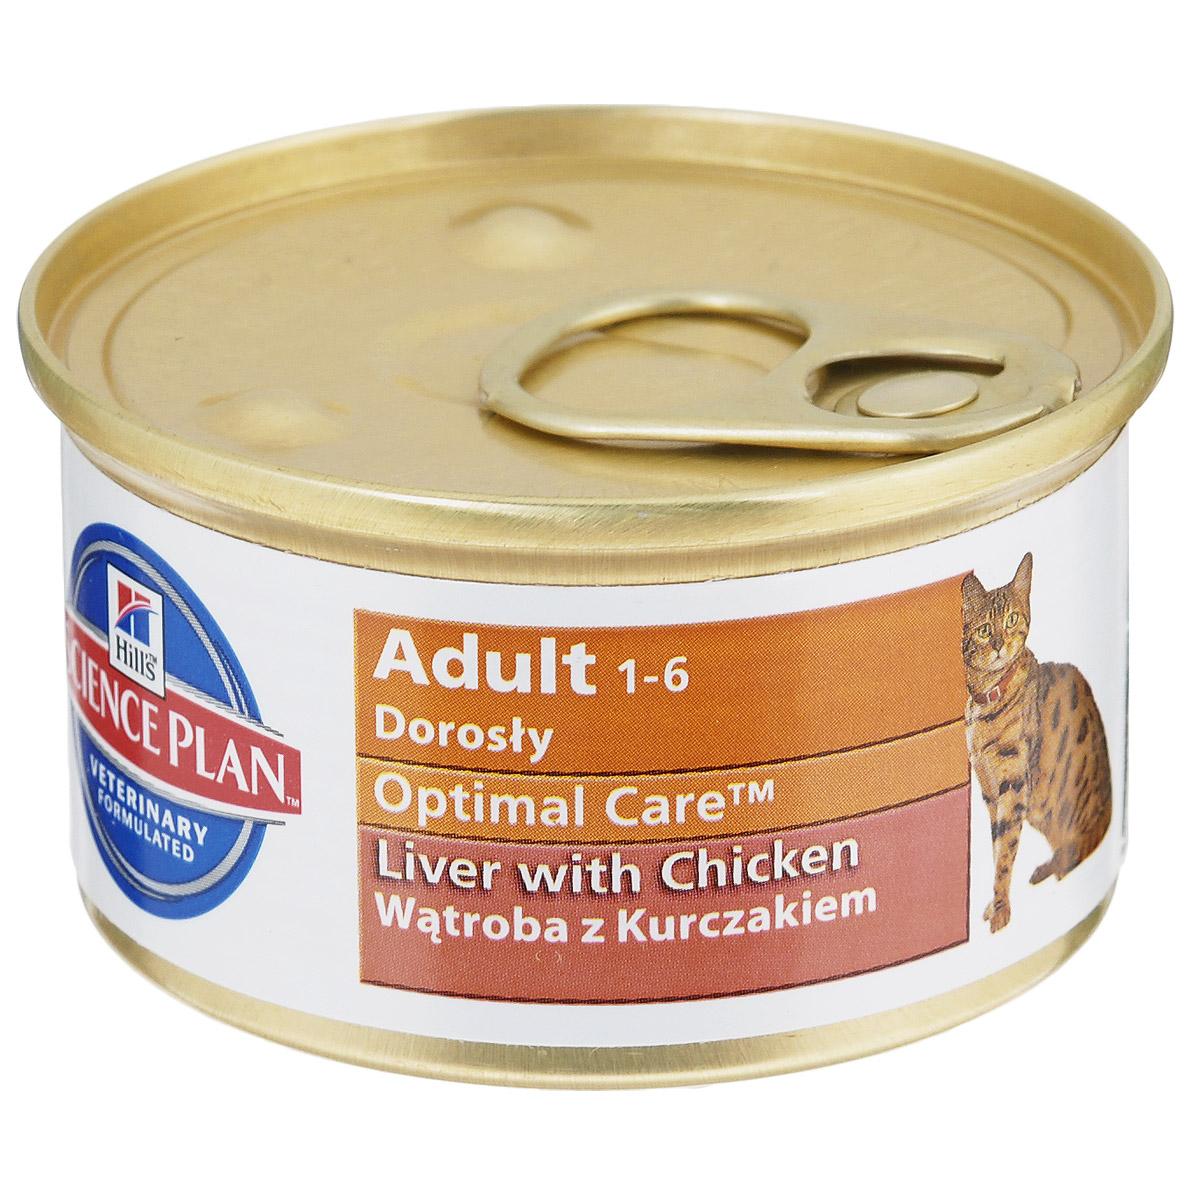 Консервы для взрослых кошек Hills Optimal Care, с курицей и печенью, 85 г9853Консервы для кошек Hills Optimal Care - это полноценное питание для кошек с 1 года до 6 лет. Помогает поддержать здоровье мочевыводящих путей и оптимальный вес, содержит антиоксиданты с клинически подтвержденным эффектом, протеины и Омега-3 жирные кислоты. Ключевые преимущества: Комплекс антиоксидантов с клинически подтвержденным эффектом для сильного иммунитета. Контролируемый уровень минералов для здоровья жизненно важных органов. Высоко перевариваемые ингредиенты для легкости пищеварения. 100% гарантия качества, консистенции и вкуса. Состав: мясо и продукты животного происхождения (минимум 26% печени, минимум 5% курицы), злаки, целлюлоза, масла и жиры, минералы, дрожжи, DL-метионин. Отдельные ингредиенты: печень (минимум 26%), свинина, курица (минимум 5%), маис, пшеничная мука, кукурузный крахмал, целлюлоза, животный жир, гидролизат белка, рисовая мука, кальция карбонат, пивные дрожжи, калия хлорид,...